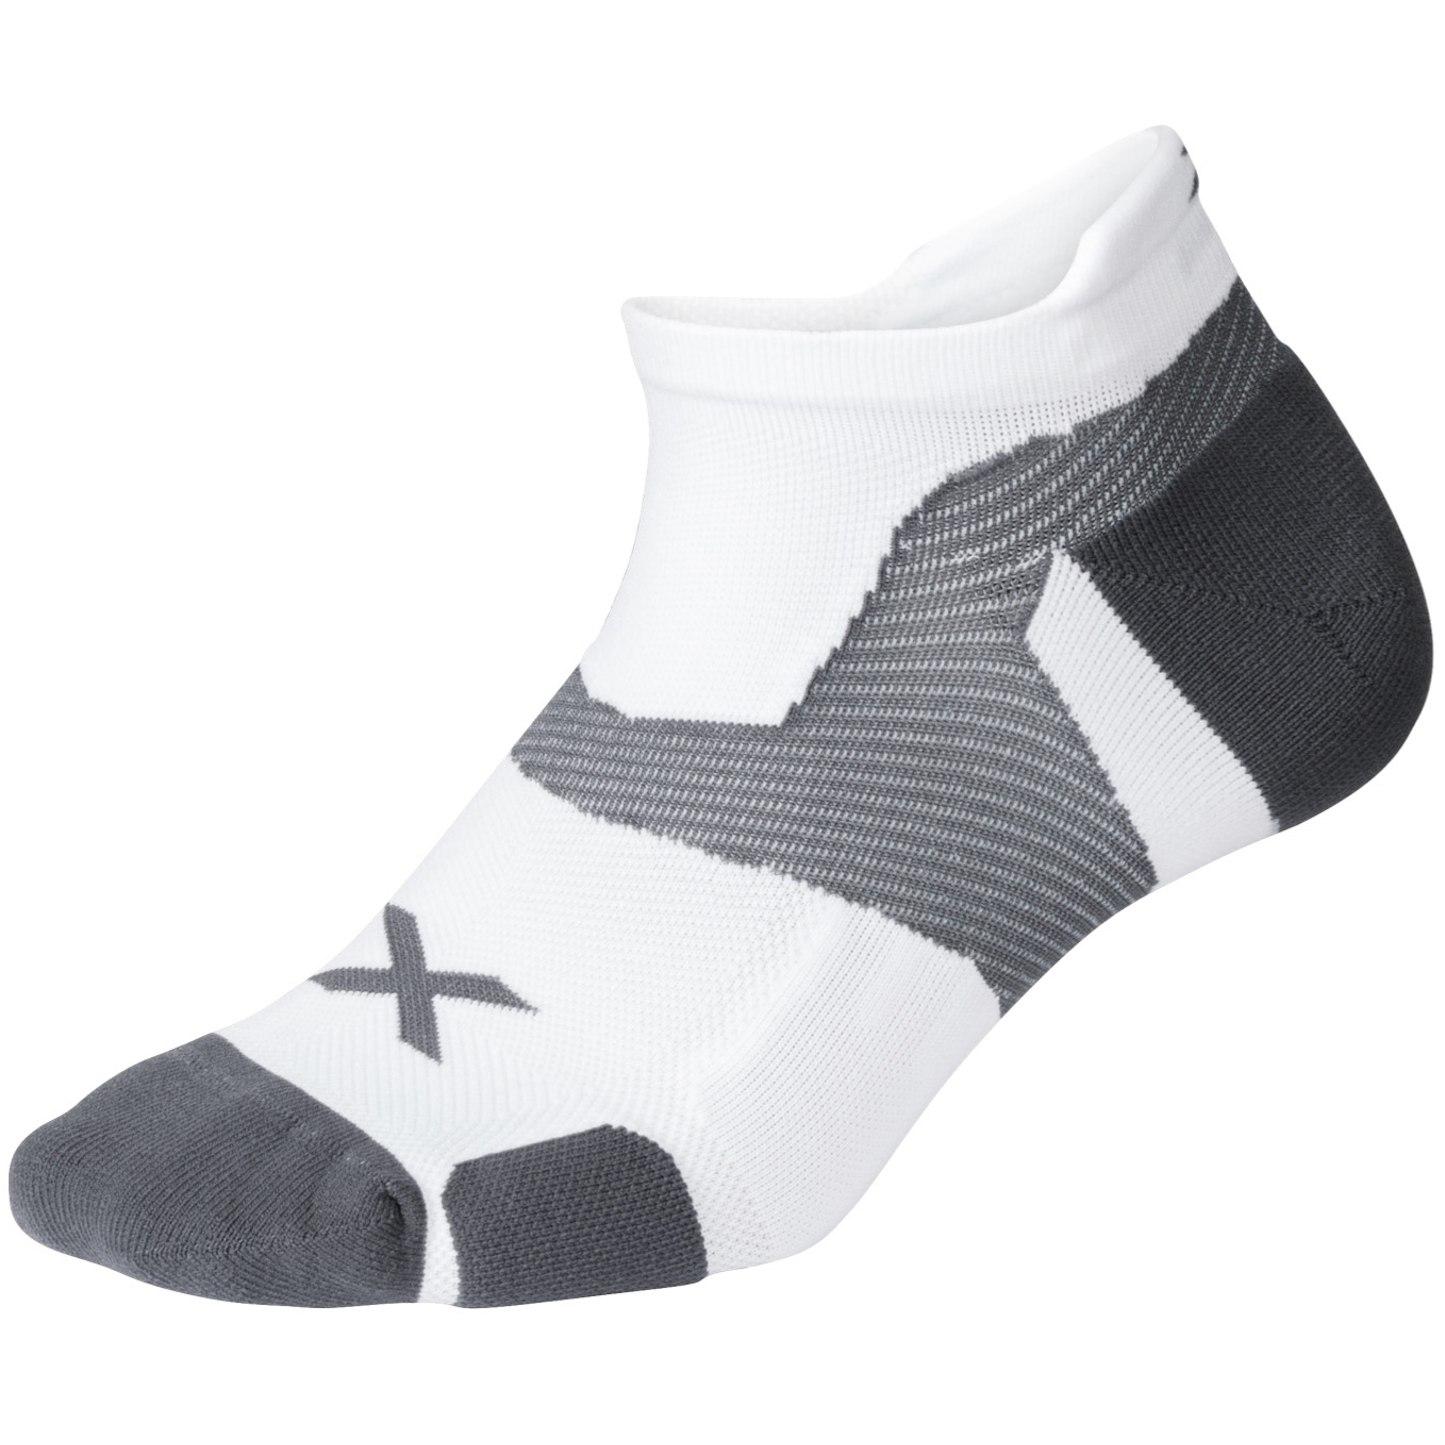 2XU Vectr Cushion No Show Socks - white/grey